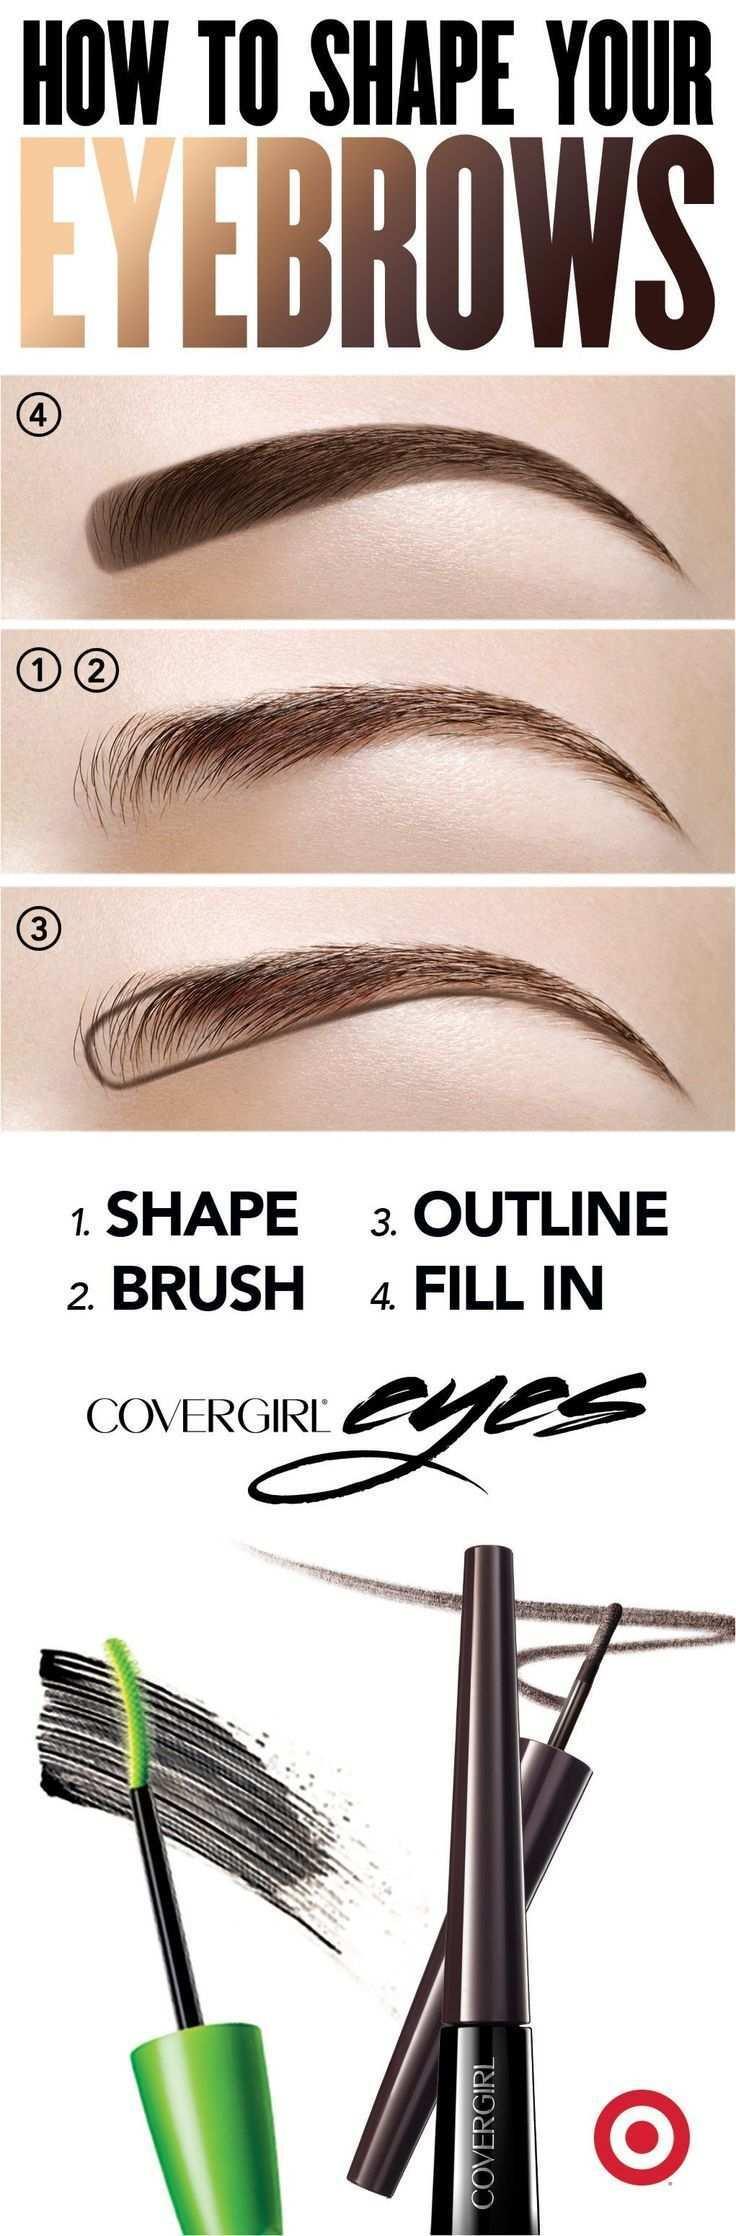 Durchsuchen Suchen Sie Die Besten Brauenpasten Bleistifte Puder Fullstoffe Und Augenbraue Augenbrauen Augenbrauenstift Make Up Augen